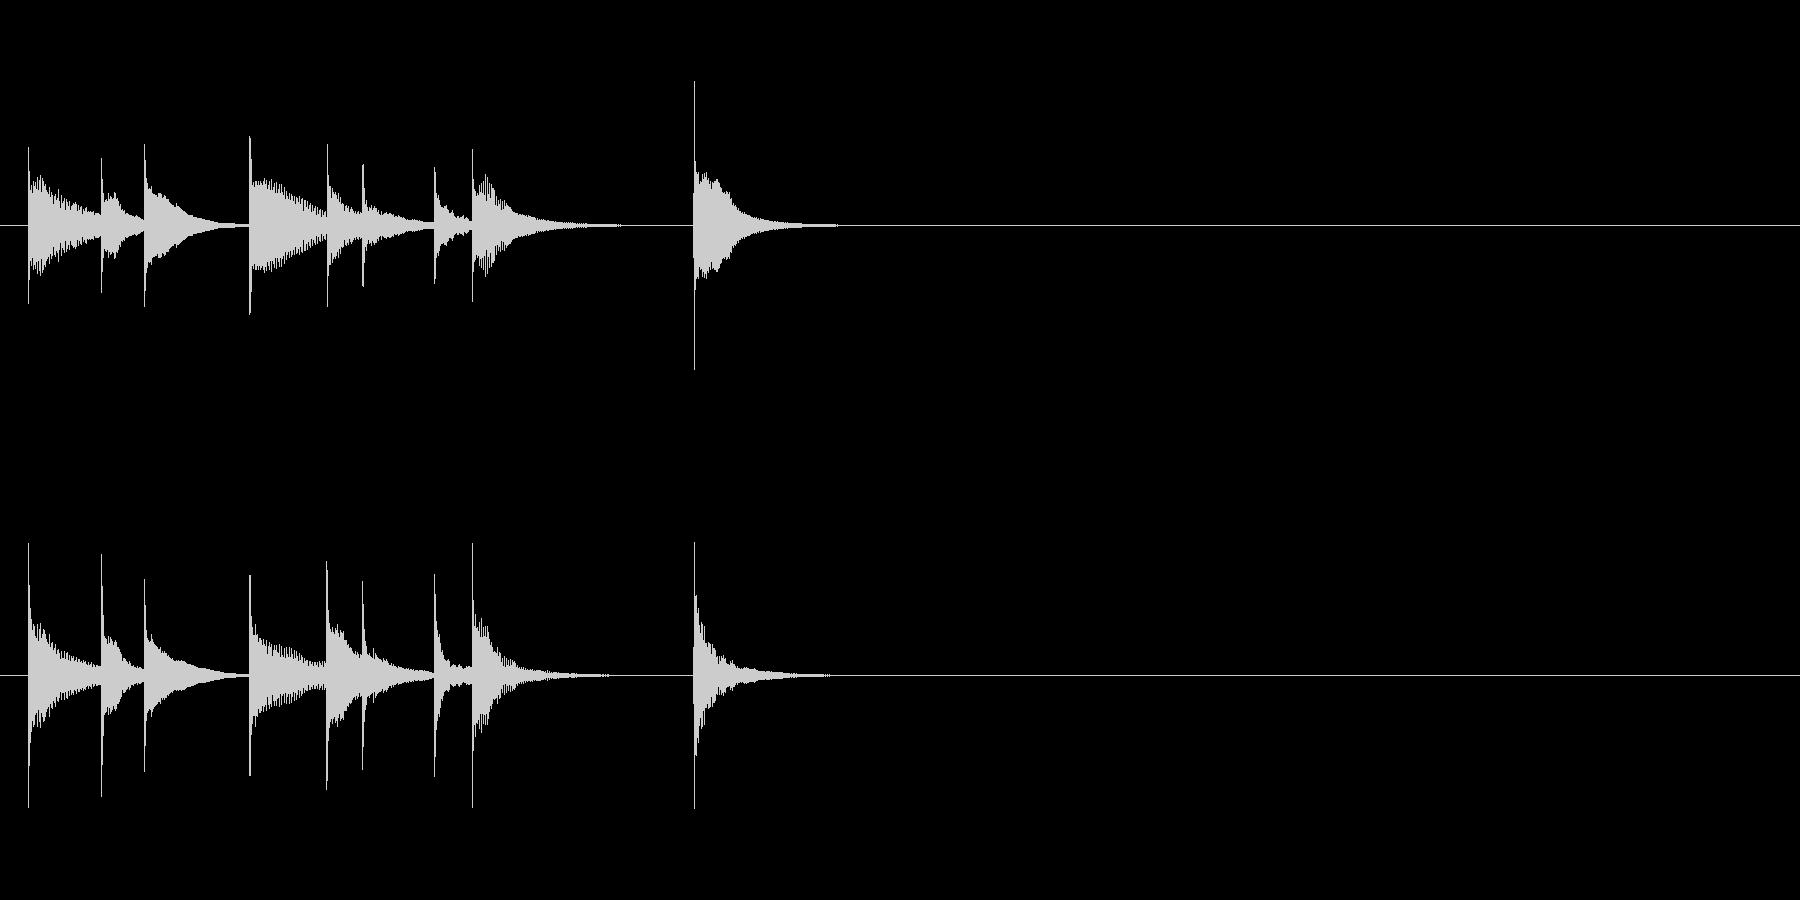 可愛い音のシロフォンを用いたジングルの未再生の波形